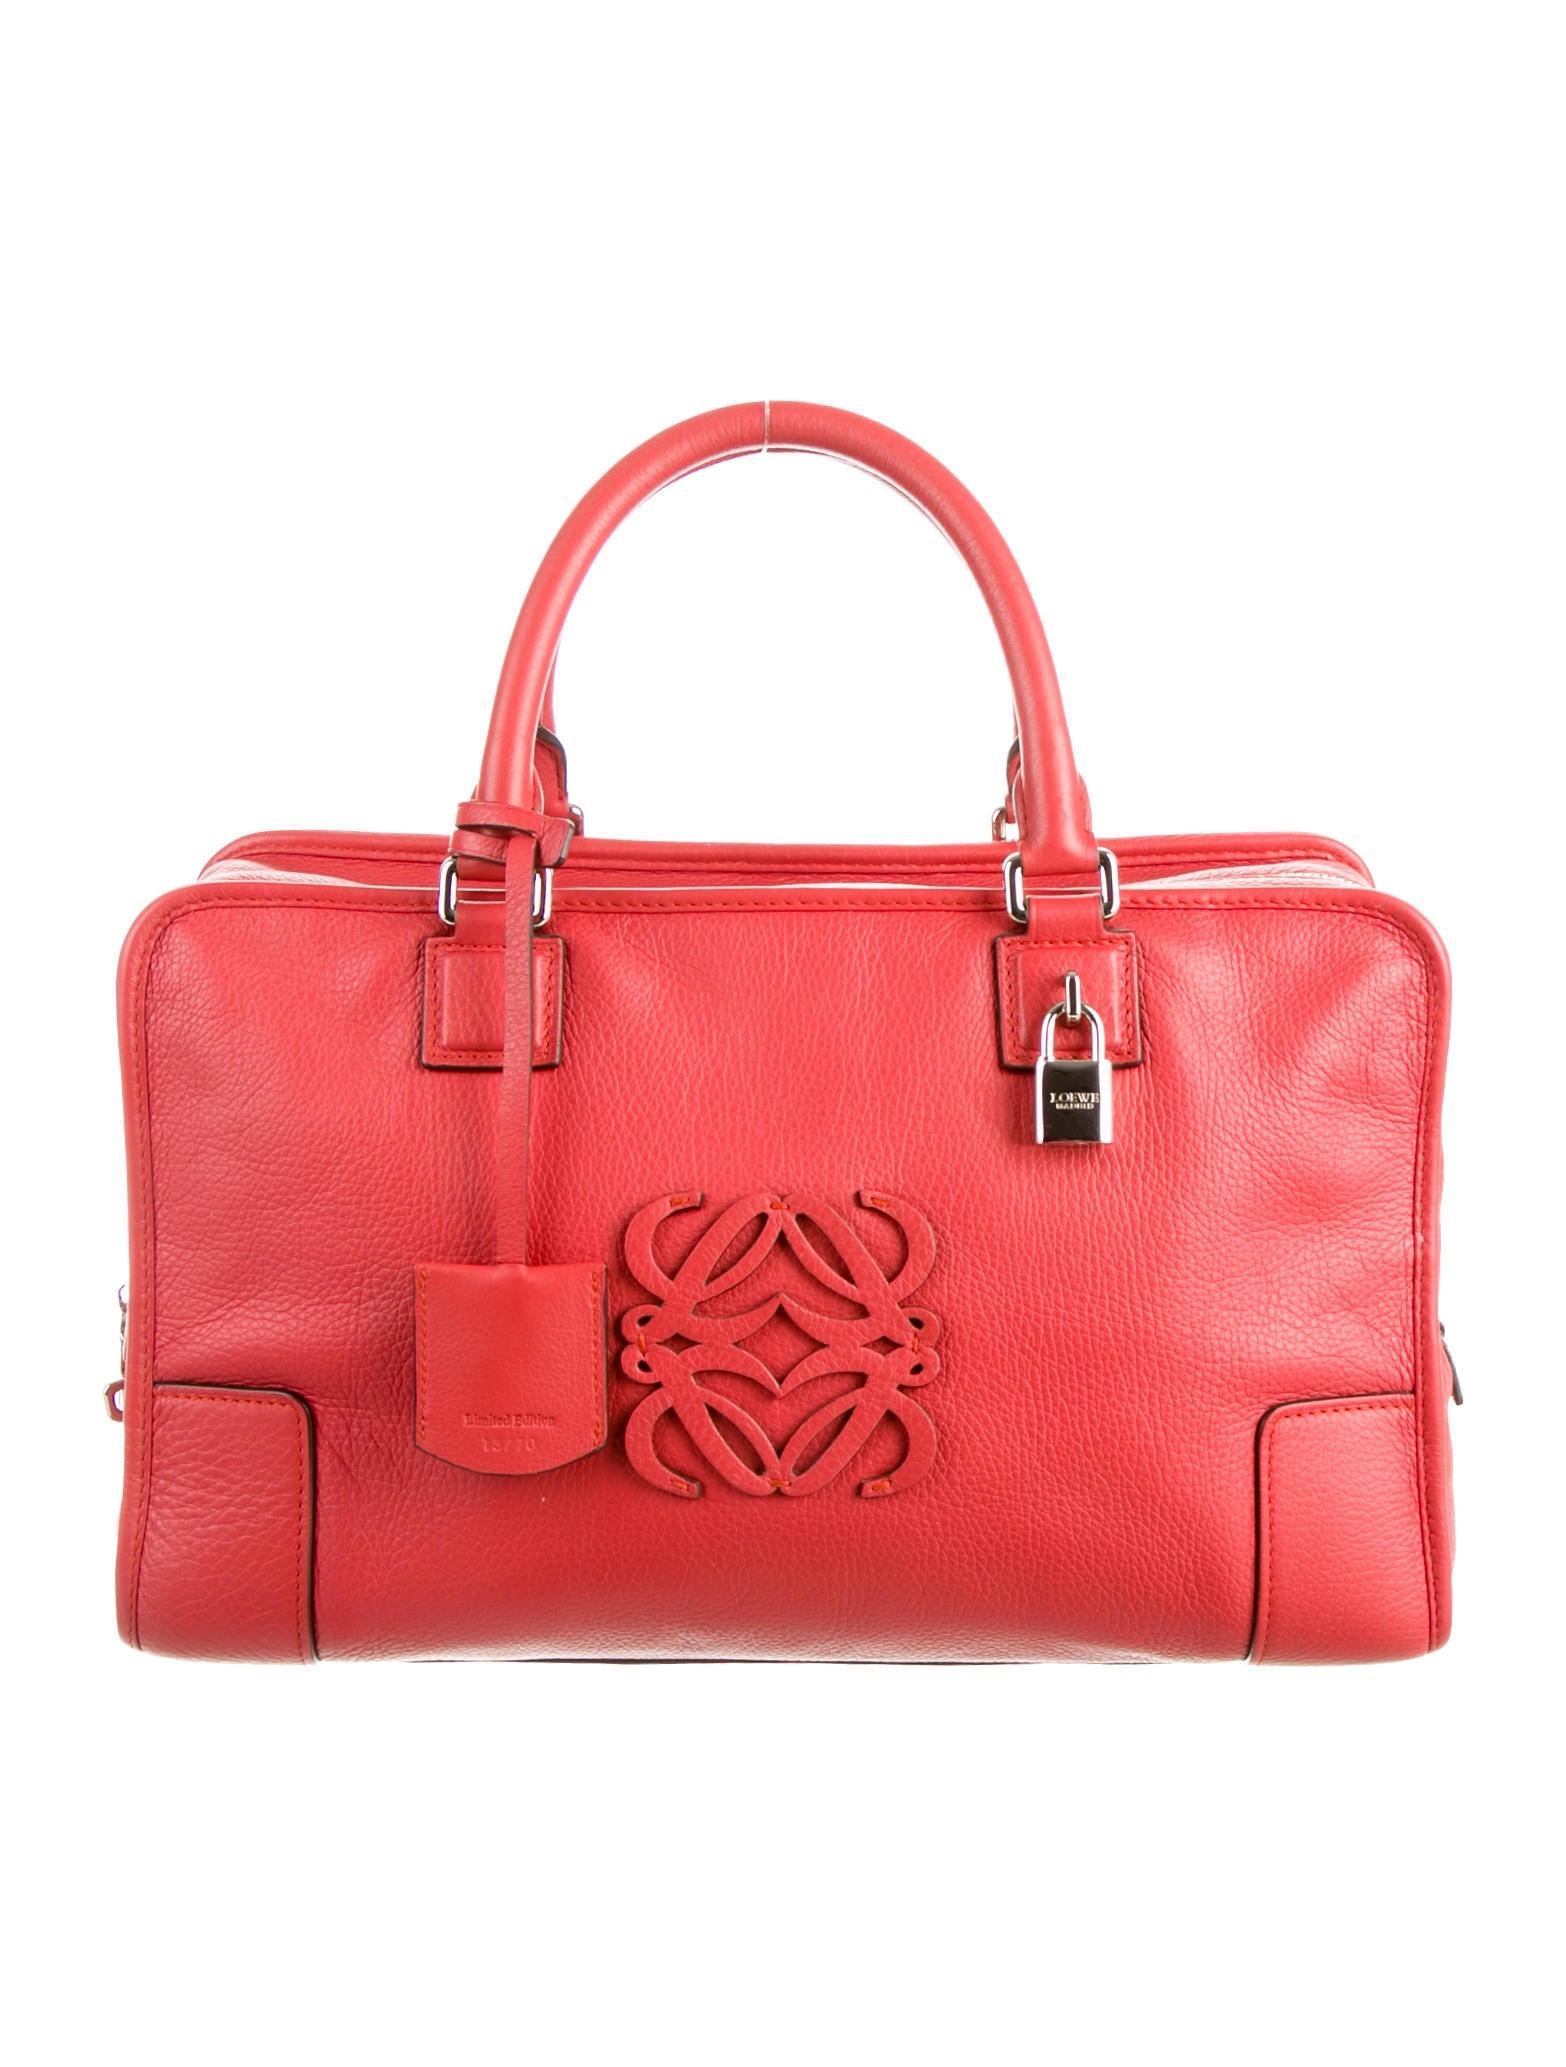 Loewe Leather Amazona Bag Handbags Low20836 The Realreal